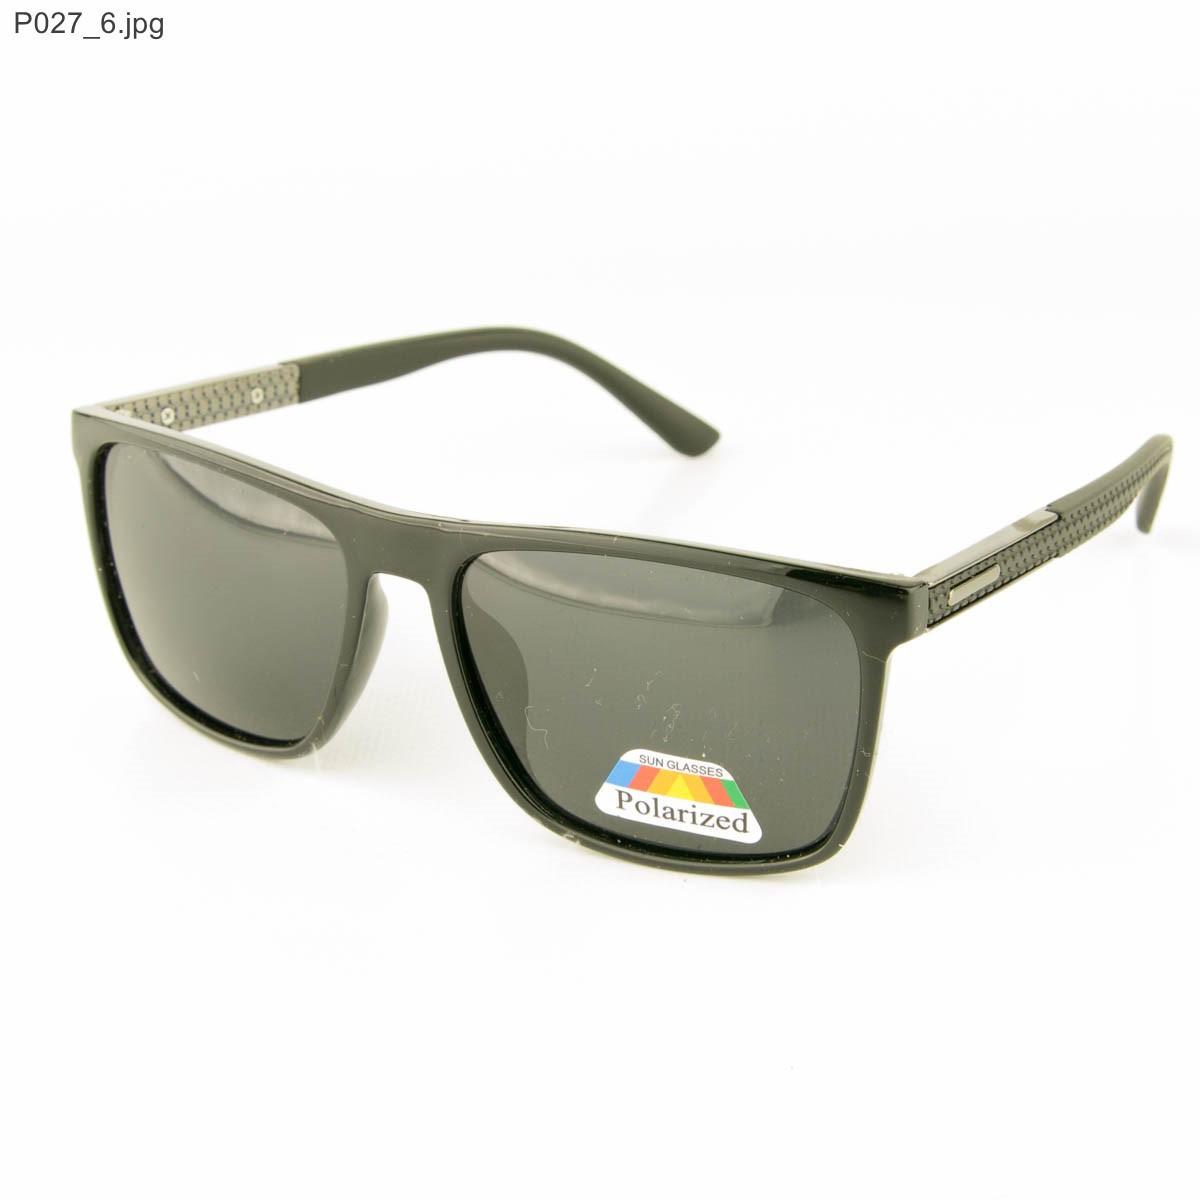 Оптом мужские очки Polarized - Черные - P027